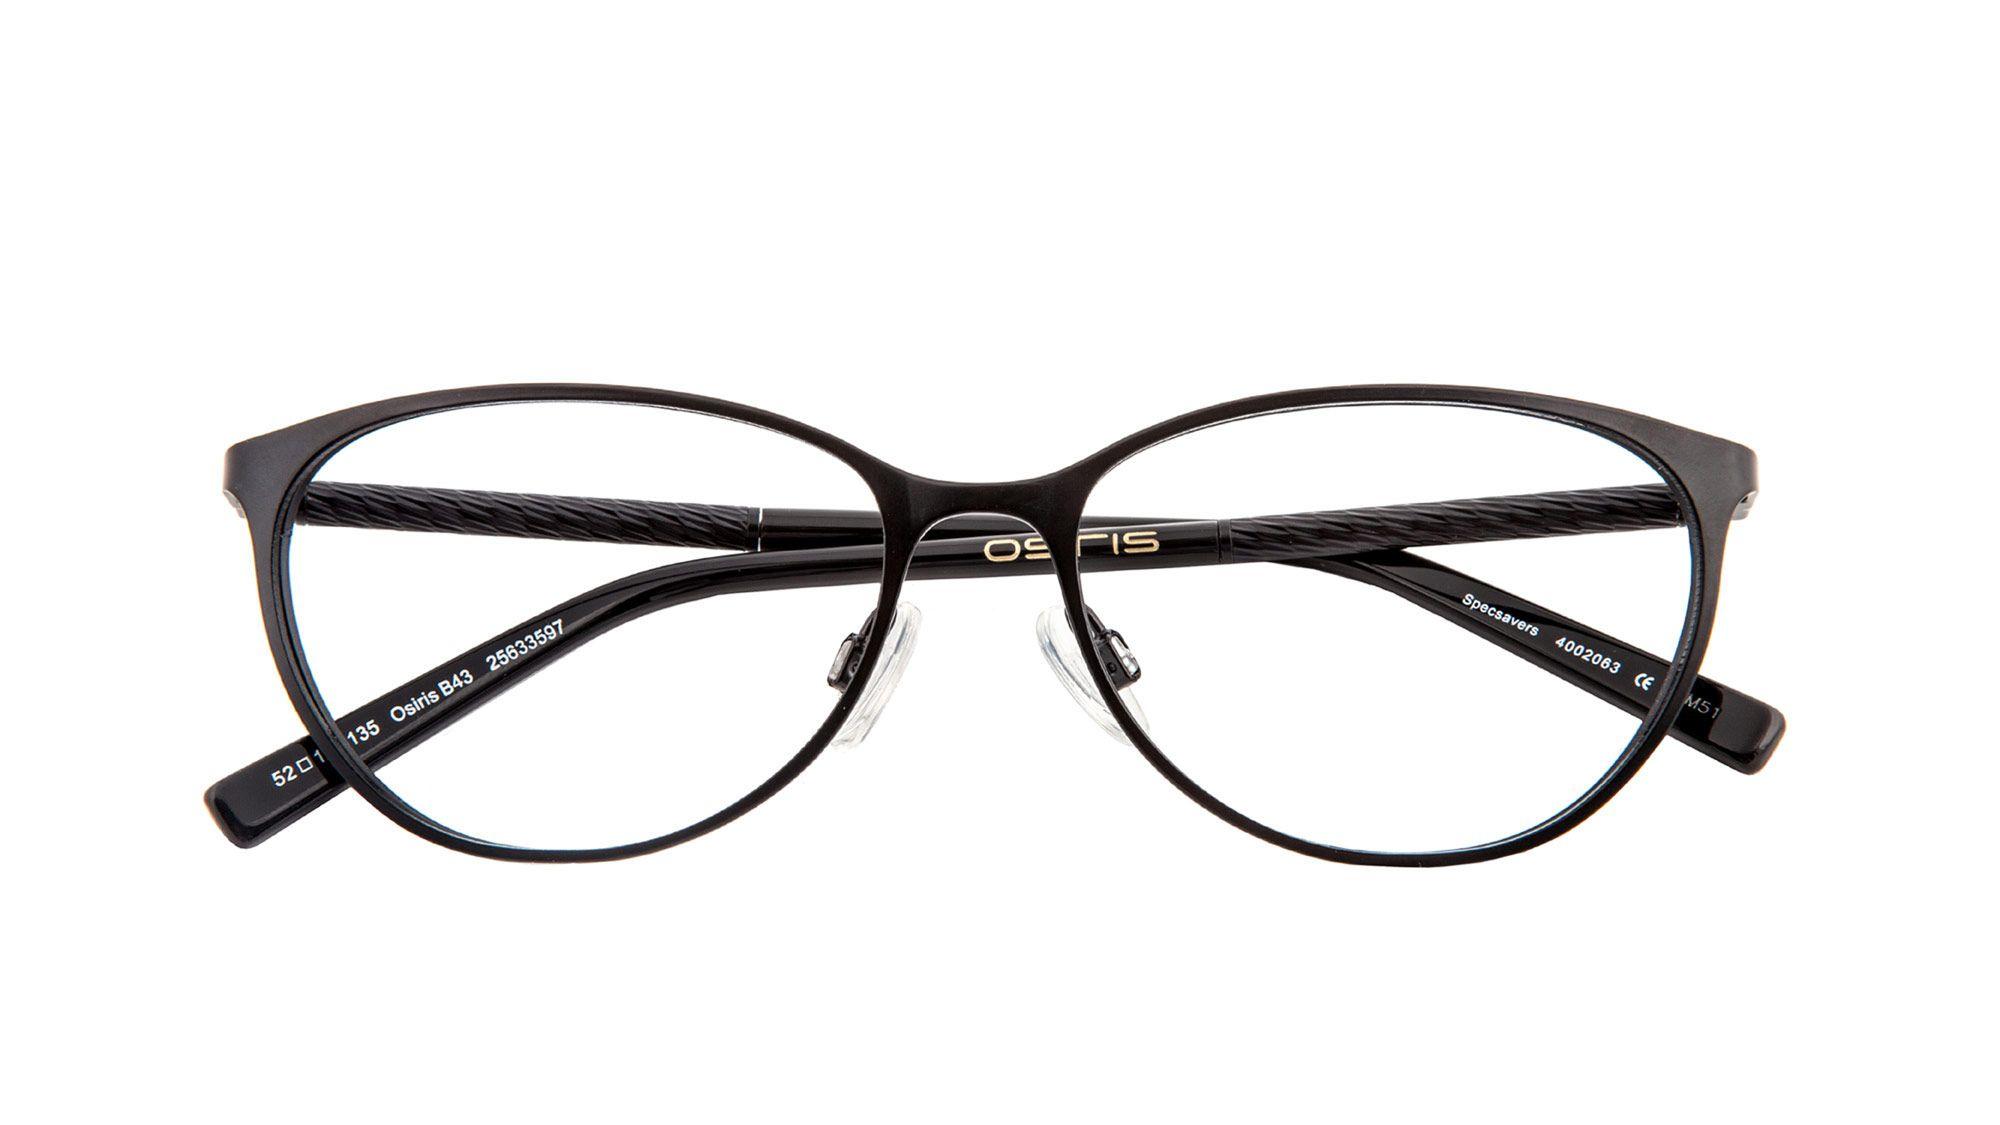 b9b06acd51d2 OSIRIS B43 Glasses by Osiris